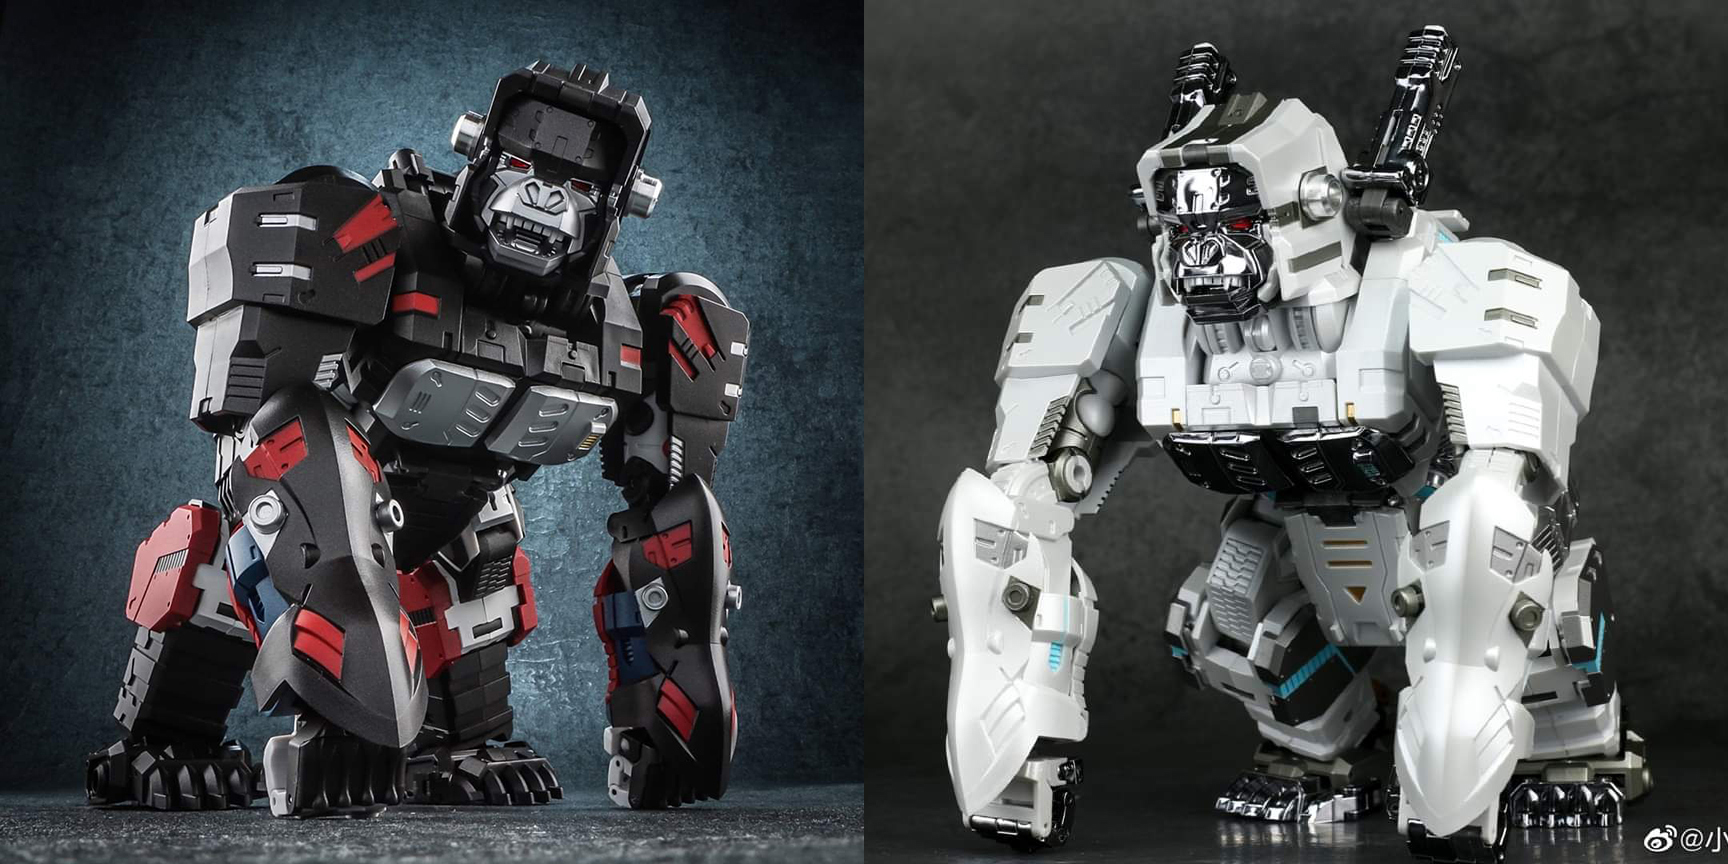 Produit Tiers - Design T-Beast - Basé sur Beast Wars - par Generation Toy, DX9 Toys, TT Hongli, Transform Element, etc - Page 3 La4PMLhM_o